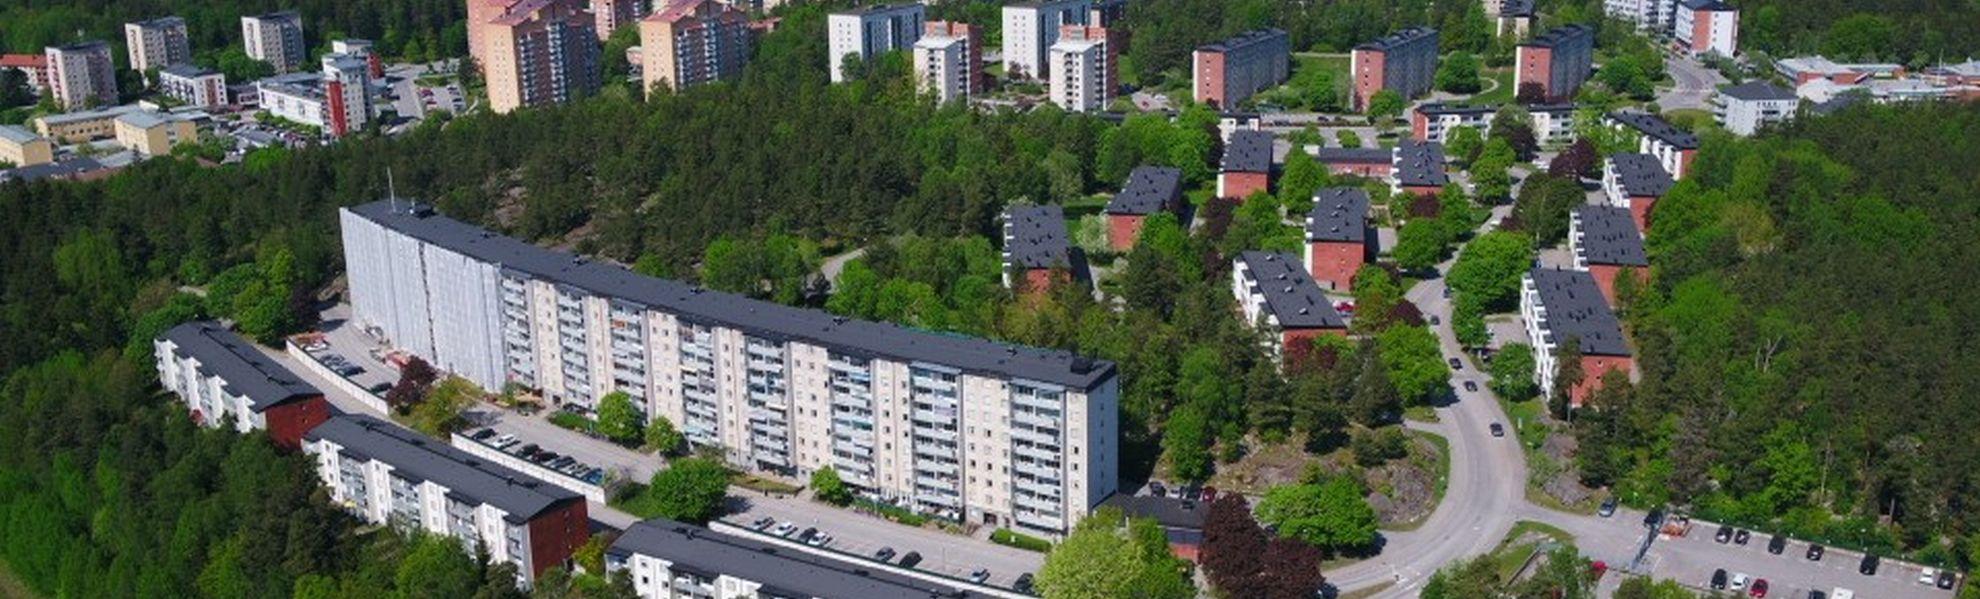 20 hus signerade arkitekten Ernst Grönwall